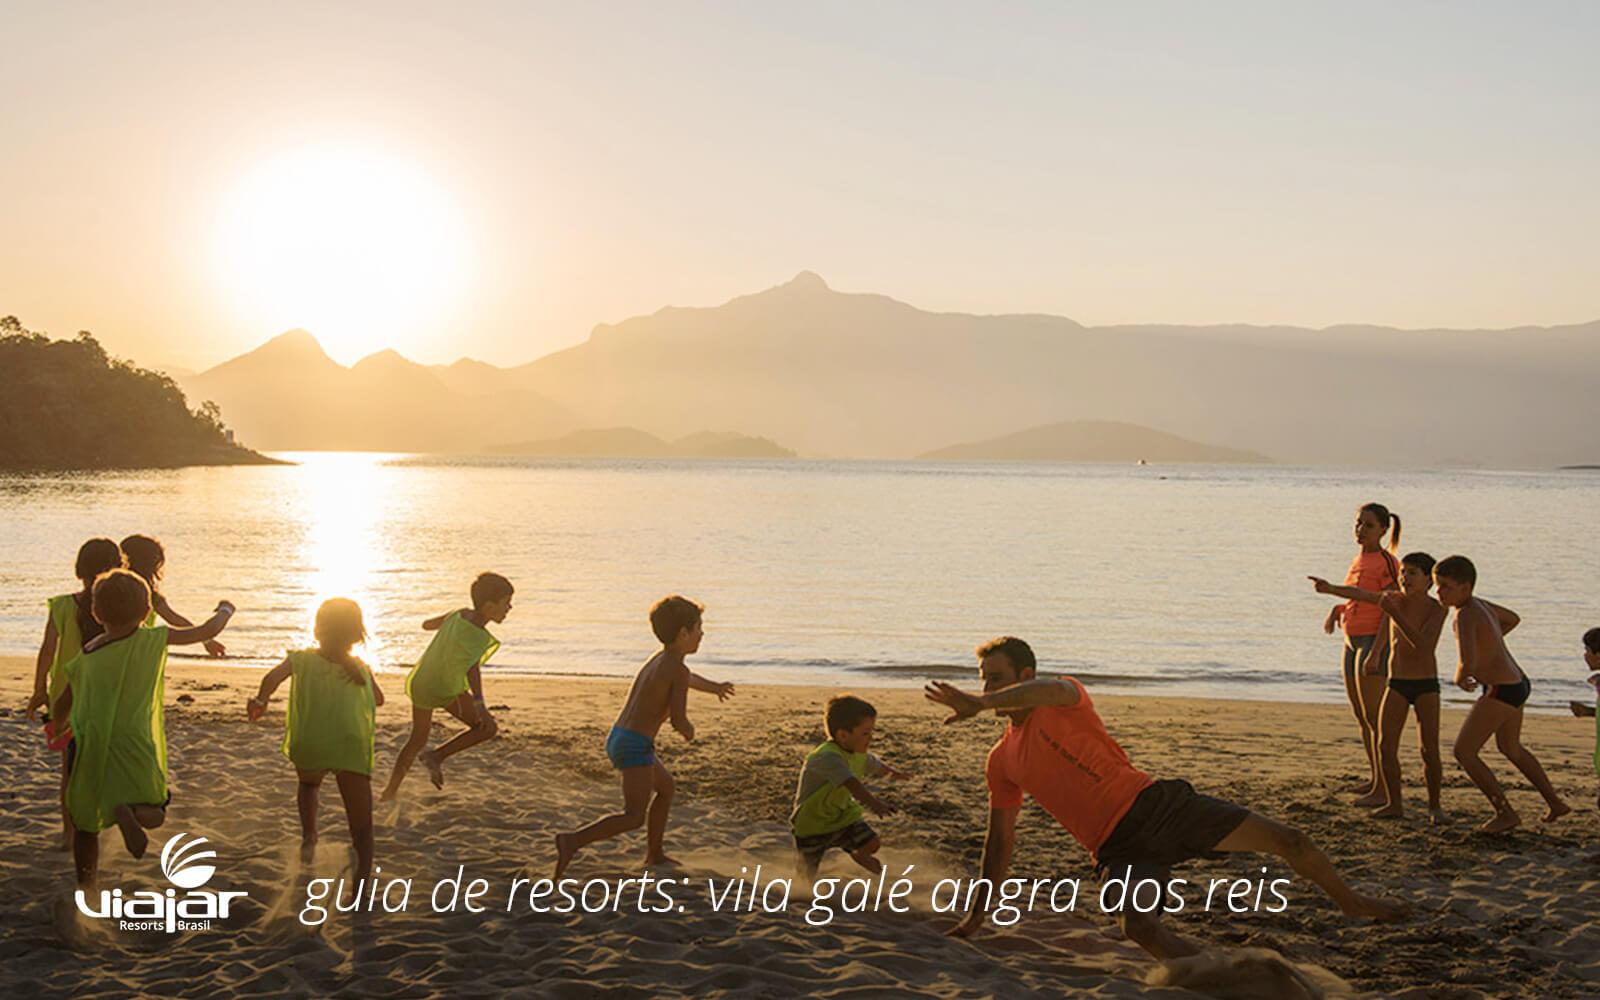 dd5f4d82c4b67 Guia de Resorts  Vila Galé Eco Resort de Angra dos Reis